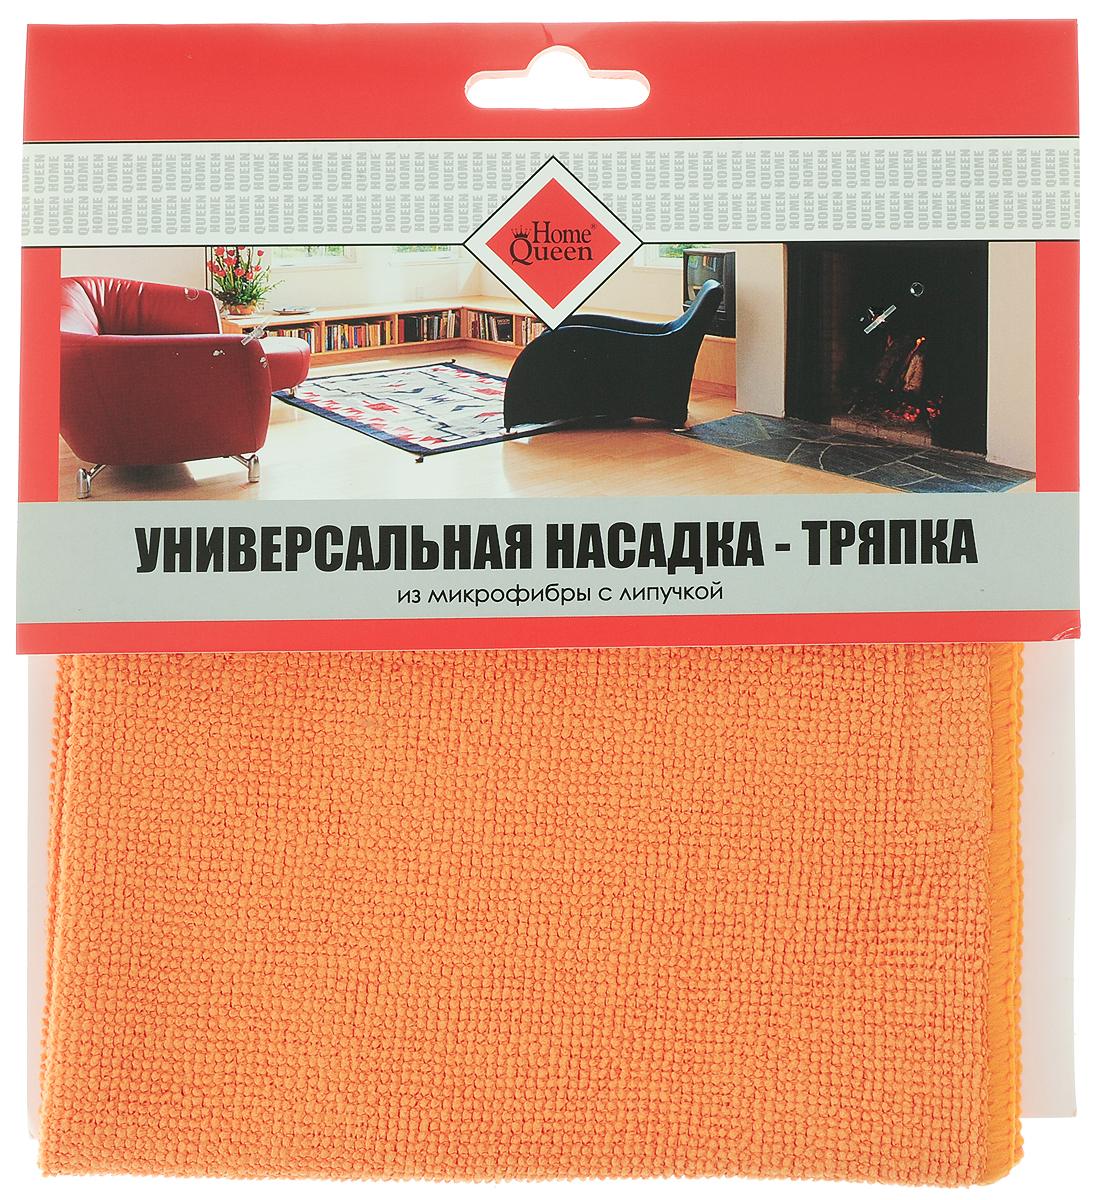 Насадка-тряпка для швабры Home Queen, с липучкой, универсальная, цвет: оранжевый, 38 х 40 см305525Насадка-тряпка для швабры Home Queen изготовлена из микрофибры. Тряпка гарантирует непревзойденную чистоту при сухой и влажной уборке. Она идеальна для стеклянных и блестящих поверхностей, так как не оставляет разводов и ворсинок. Тряпка удаляет большинство жирных и маслянистых загрязнений без использования химических средств. Не царапает поверхность, поэтому подходит для безопасной уборки любых поверхностей. Впитывает гораздо больше воды, чем обычная ткань. Она имеет противогрибковый эффект, удаляет бактерии и микробы. Тряпка легко стирается и подходит для многоразового и продолжительного использования. Тряпка оснащена липучкой, поэтому ее легко надевать на любую швабру. Стирать вручную или в стиральной машине с мягким моющим средством без использования кондиционера и отбеливателя, при температуре 40°С.